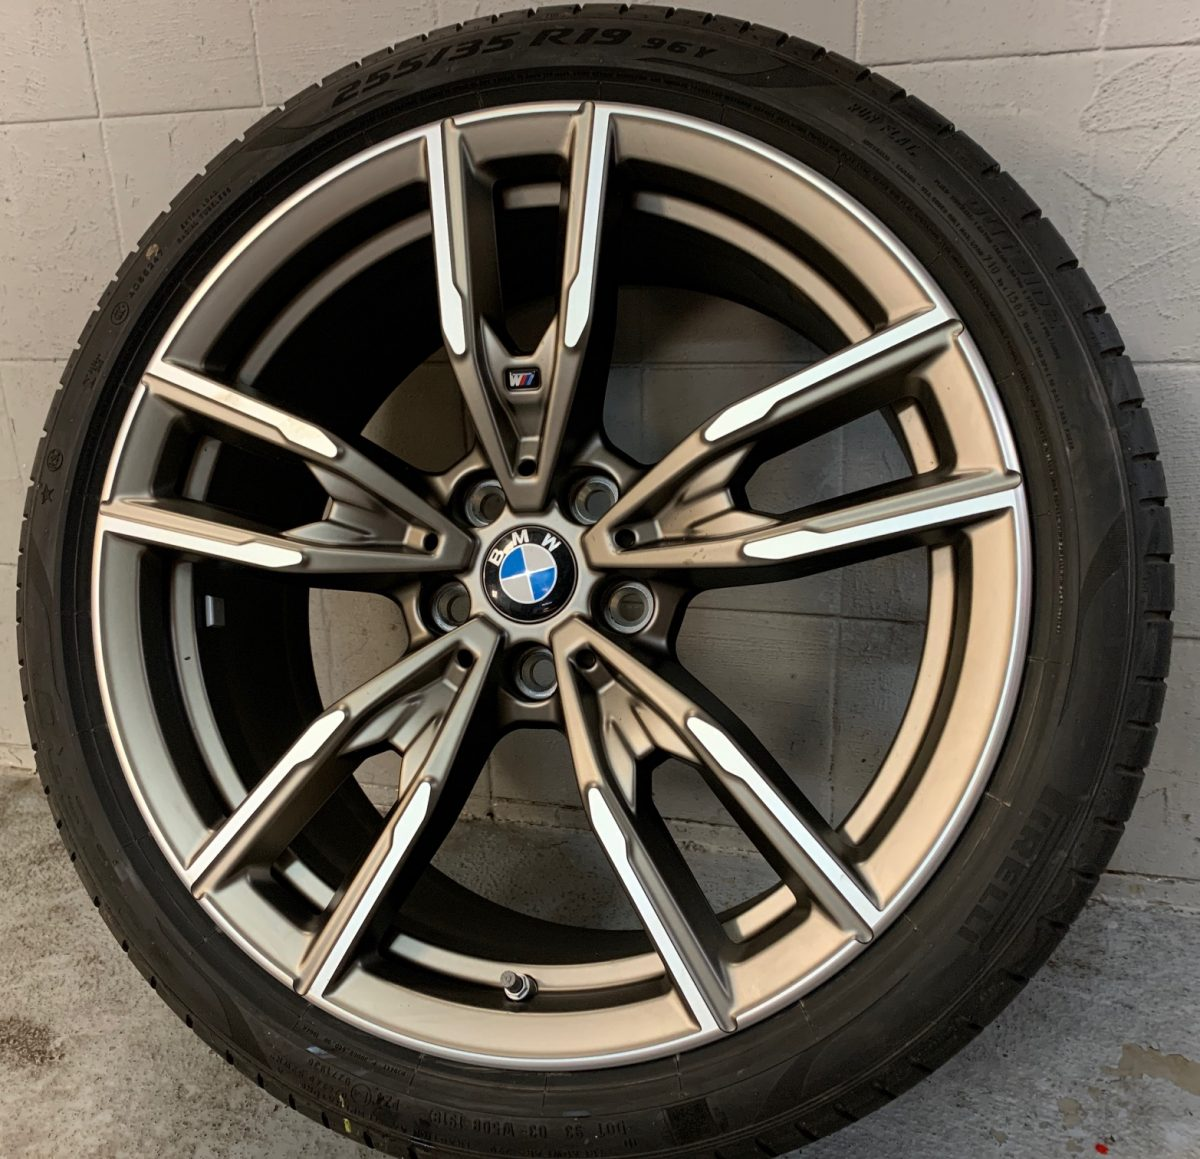 Gyári alufelni BMW 3 G20 (792M Styl) 8X19 8,5x19 alufelni új nyári garnitúra! Pirelli gumikkal,nyomásszenzorral 1